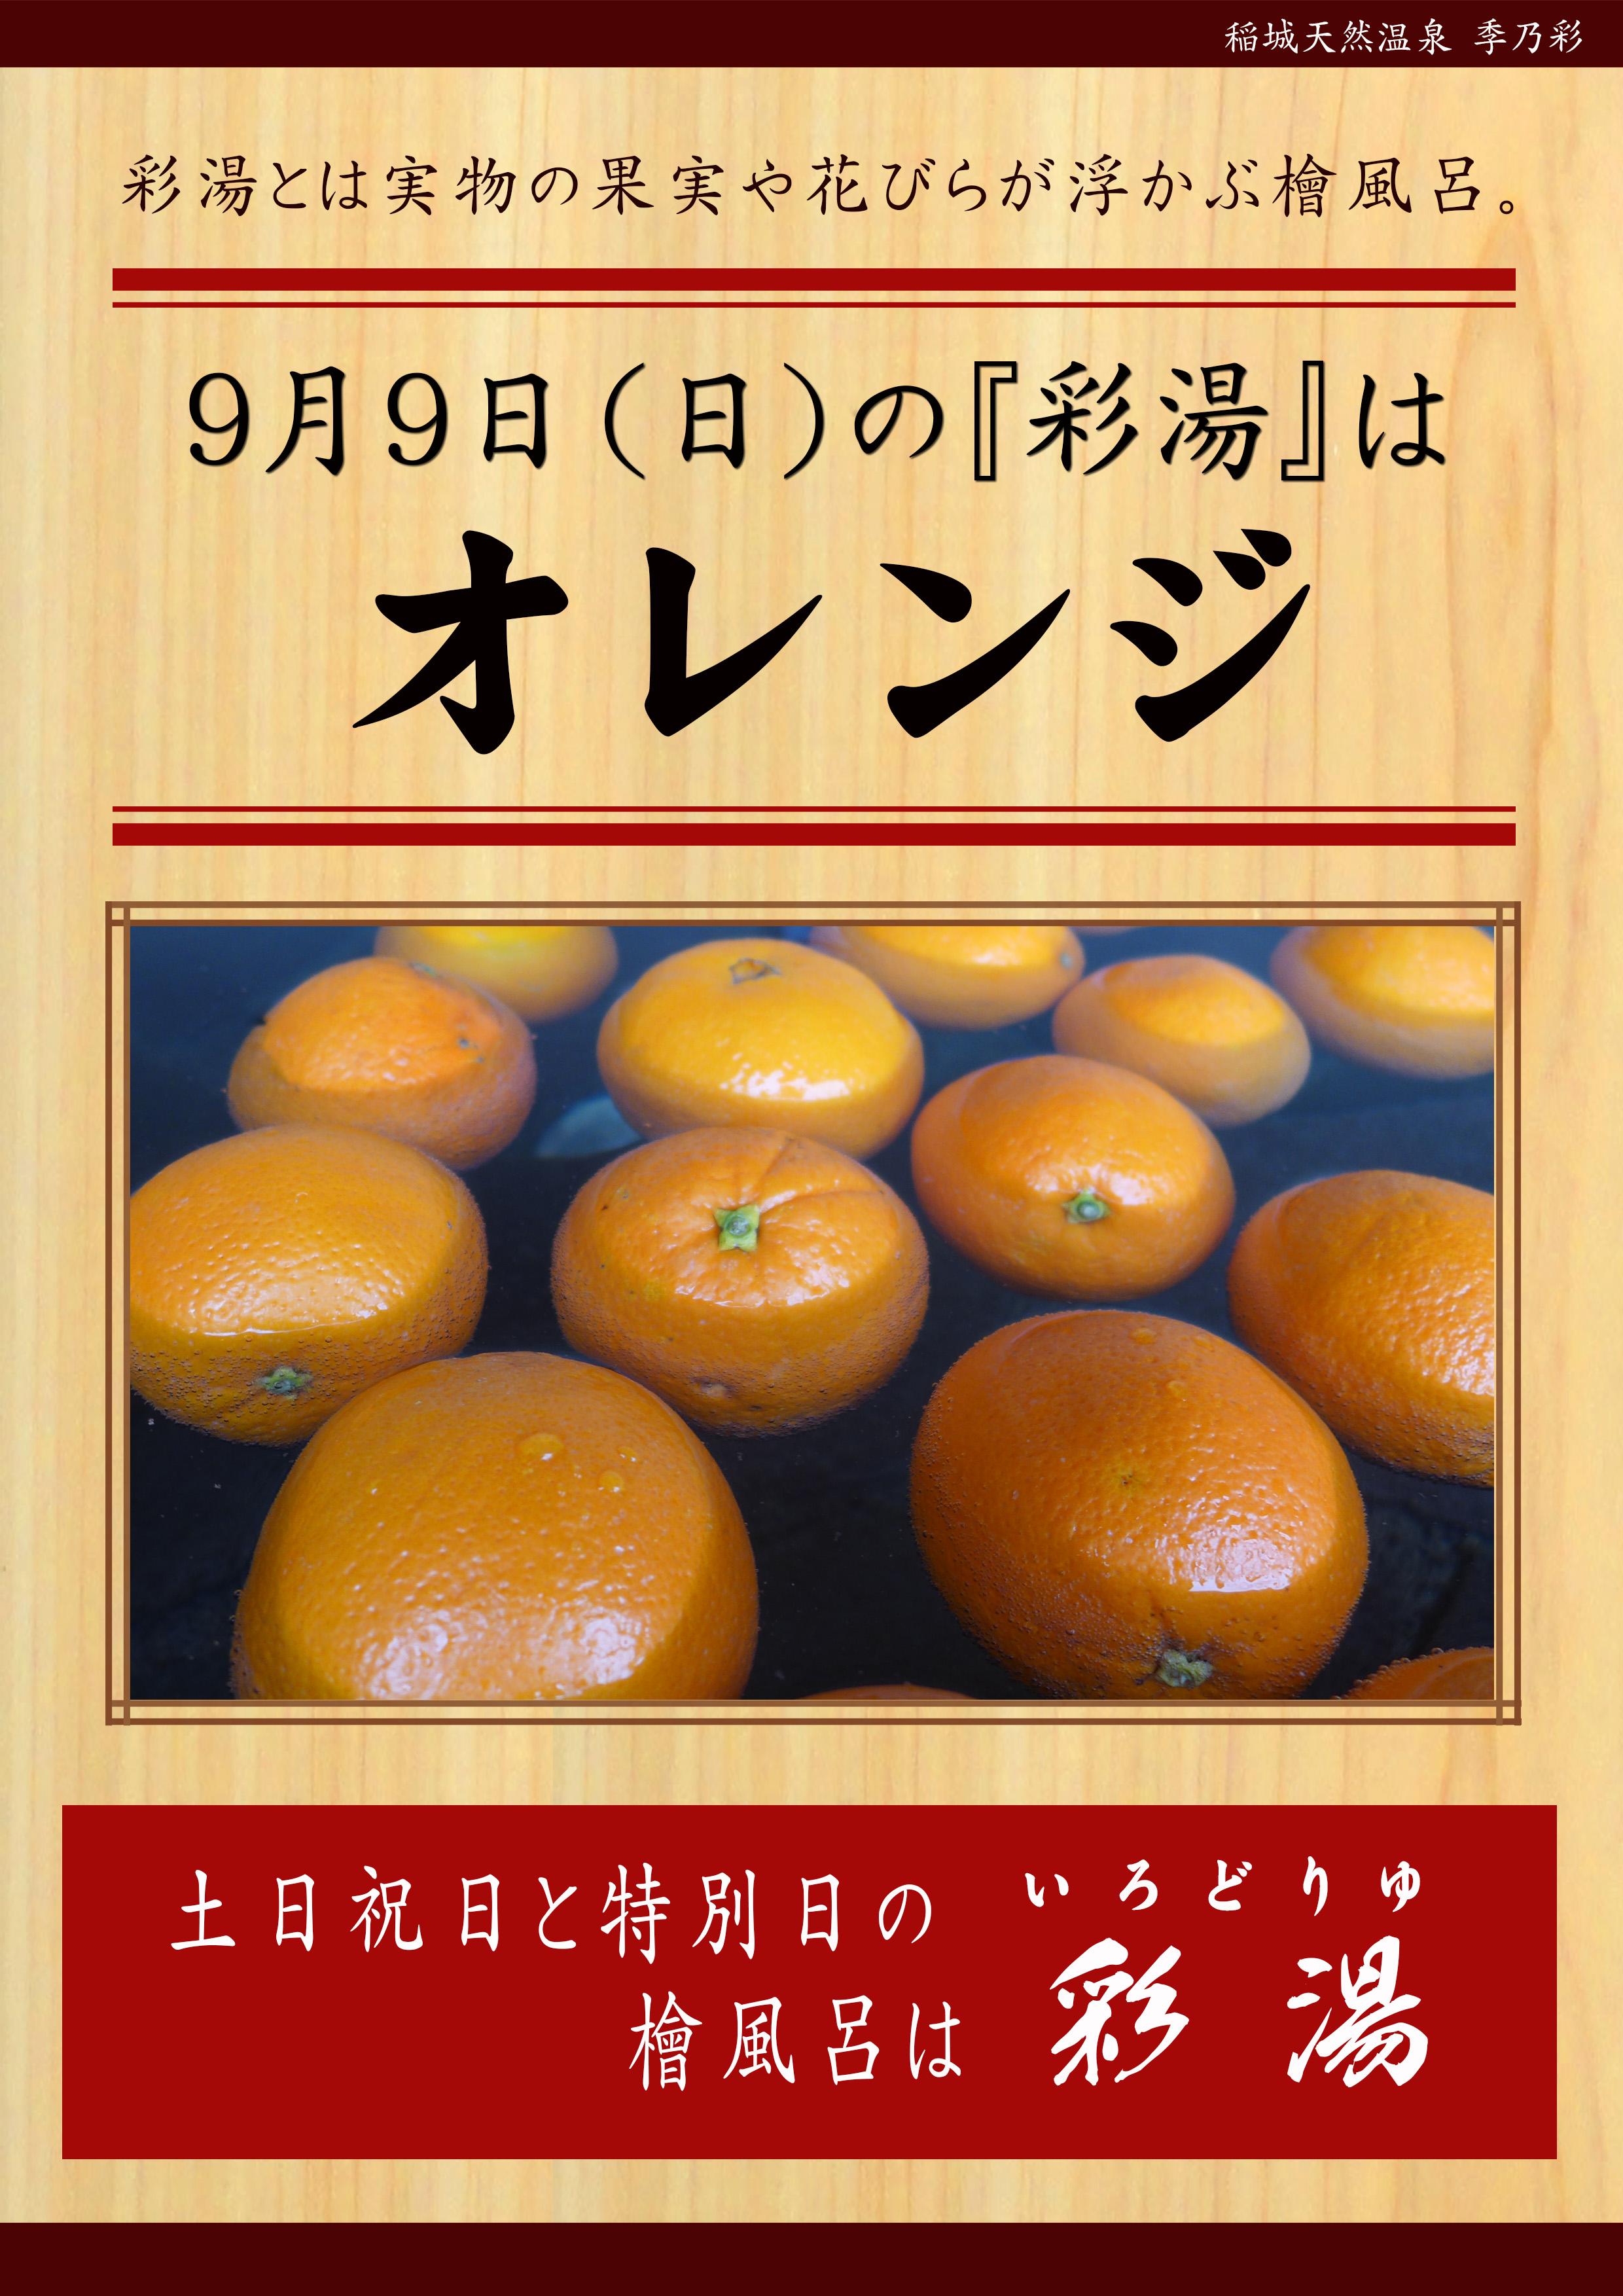 20180909POP イベント 彩湯 オレンジ